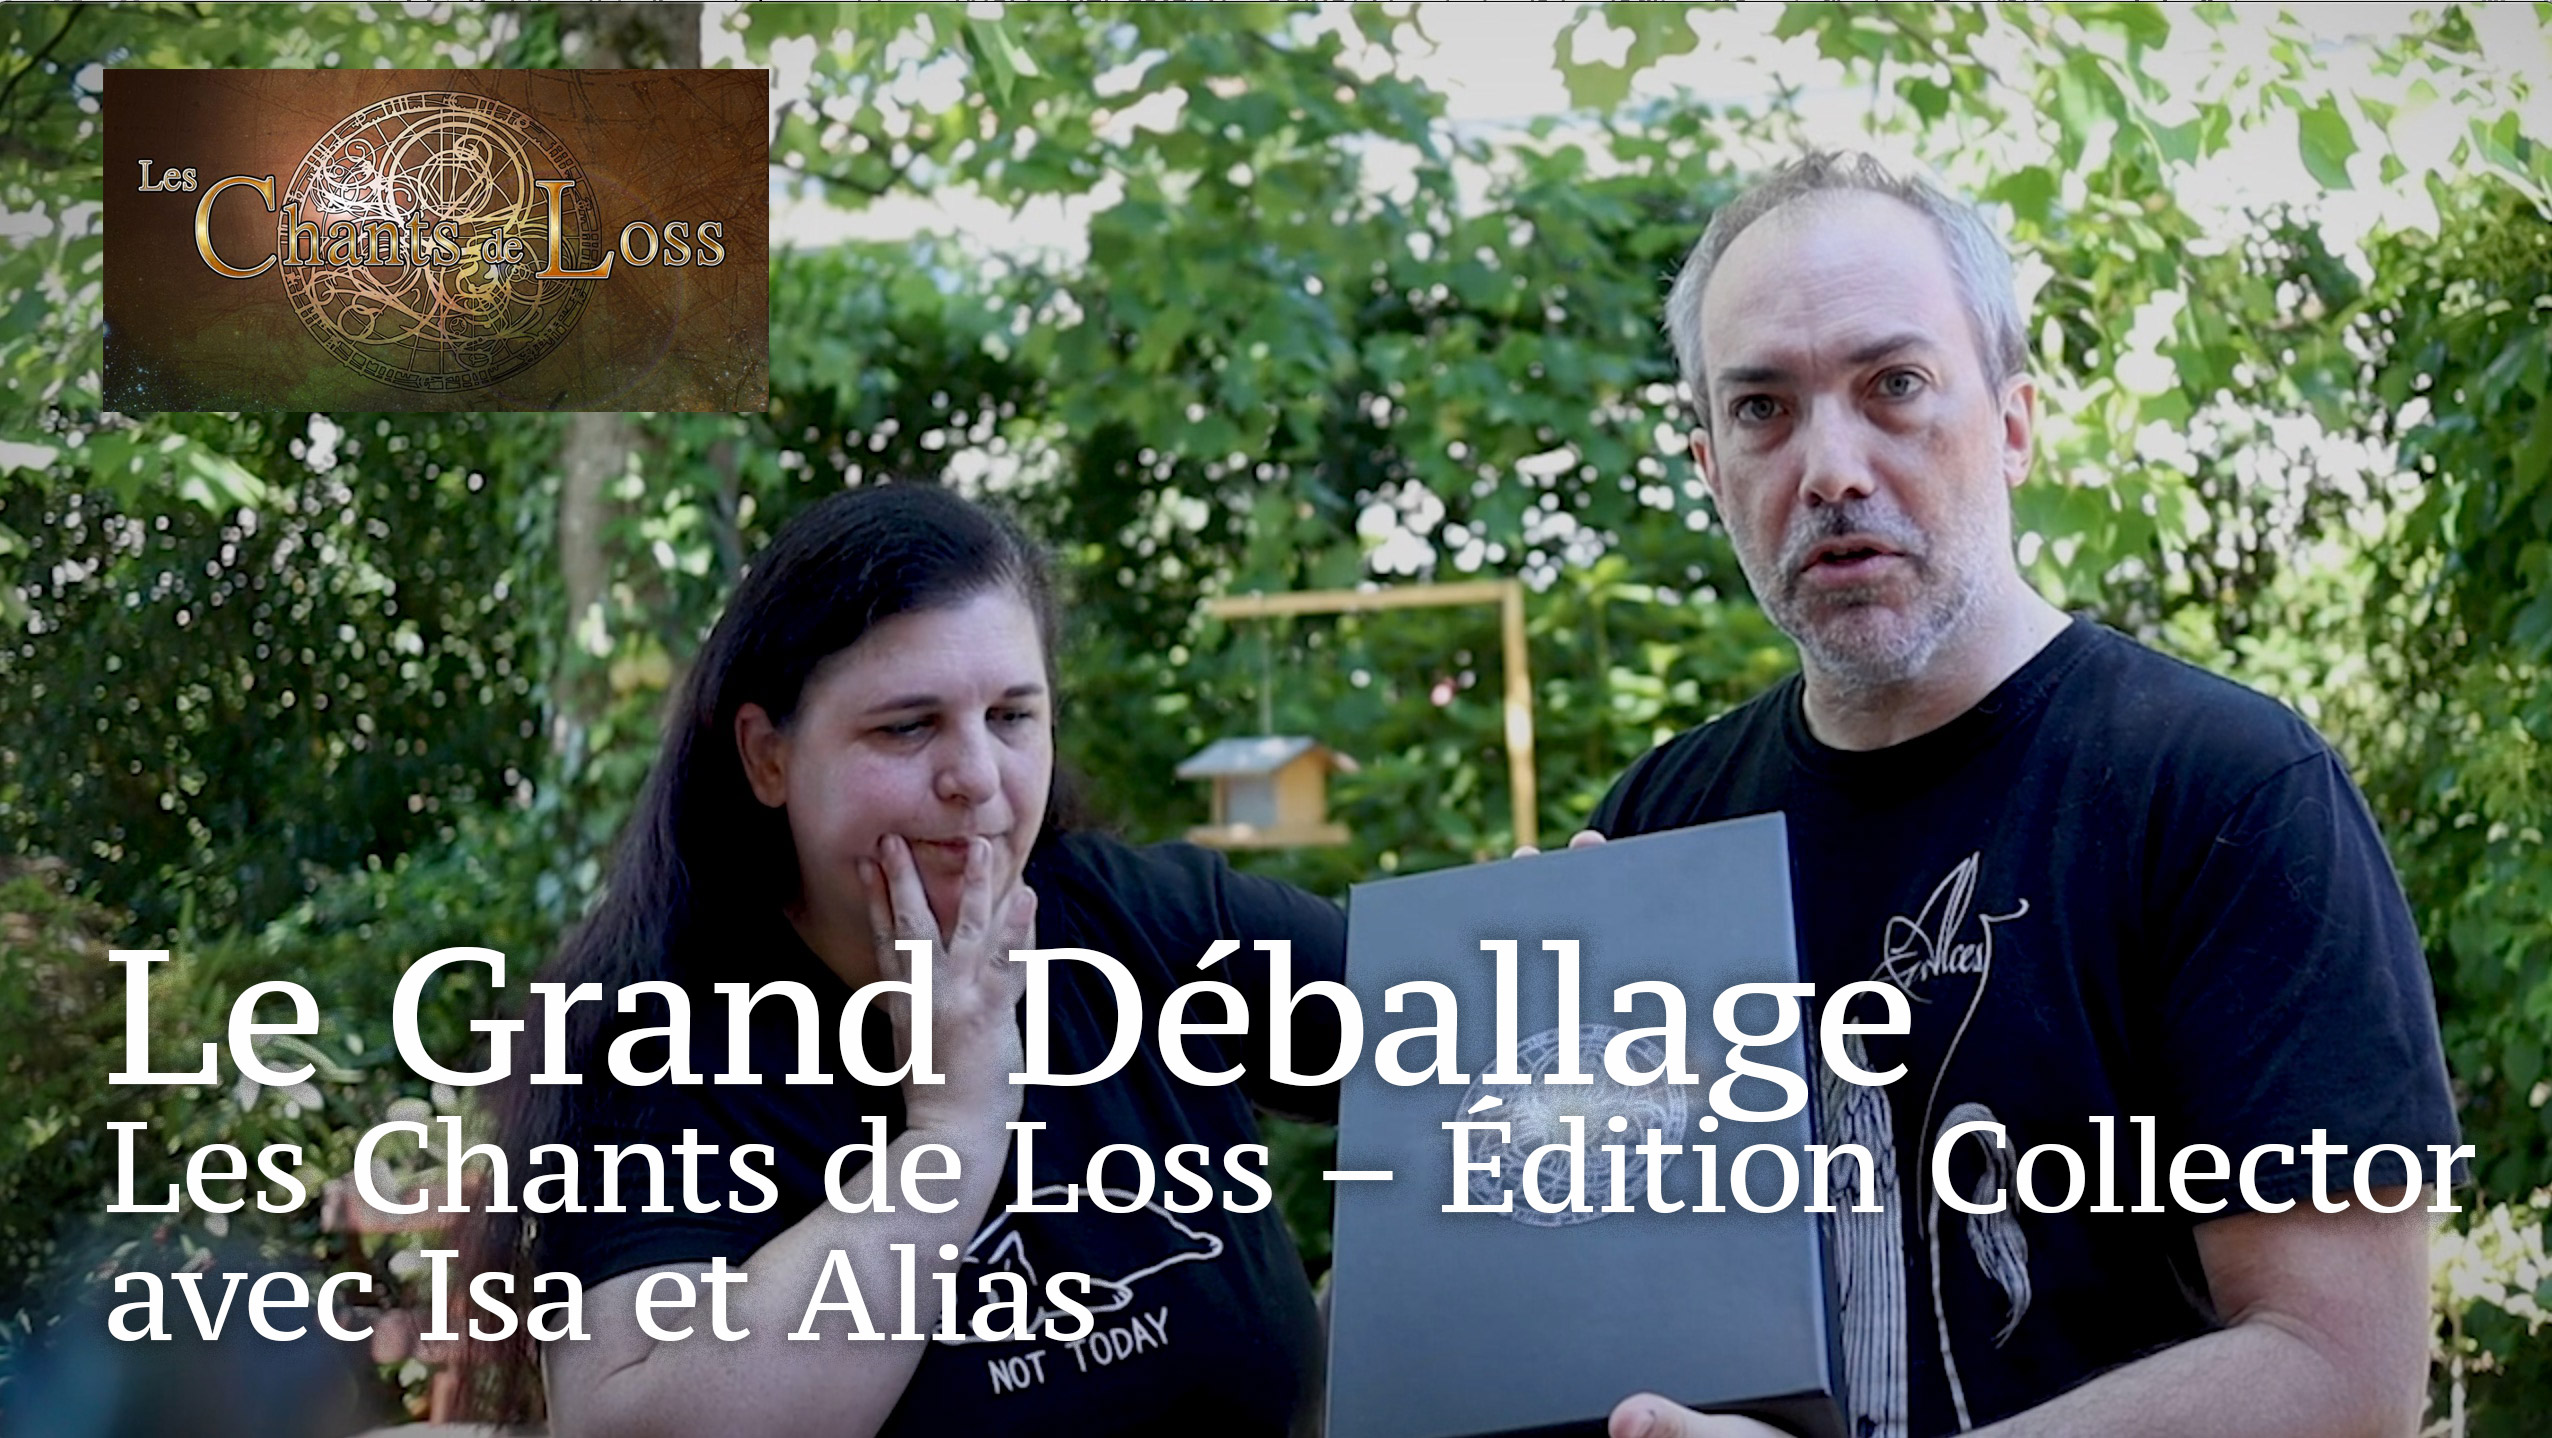 Le Grand Déballage – Les Chants de Loss édition Collector